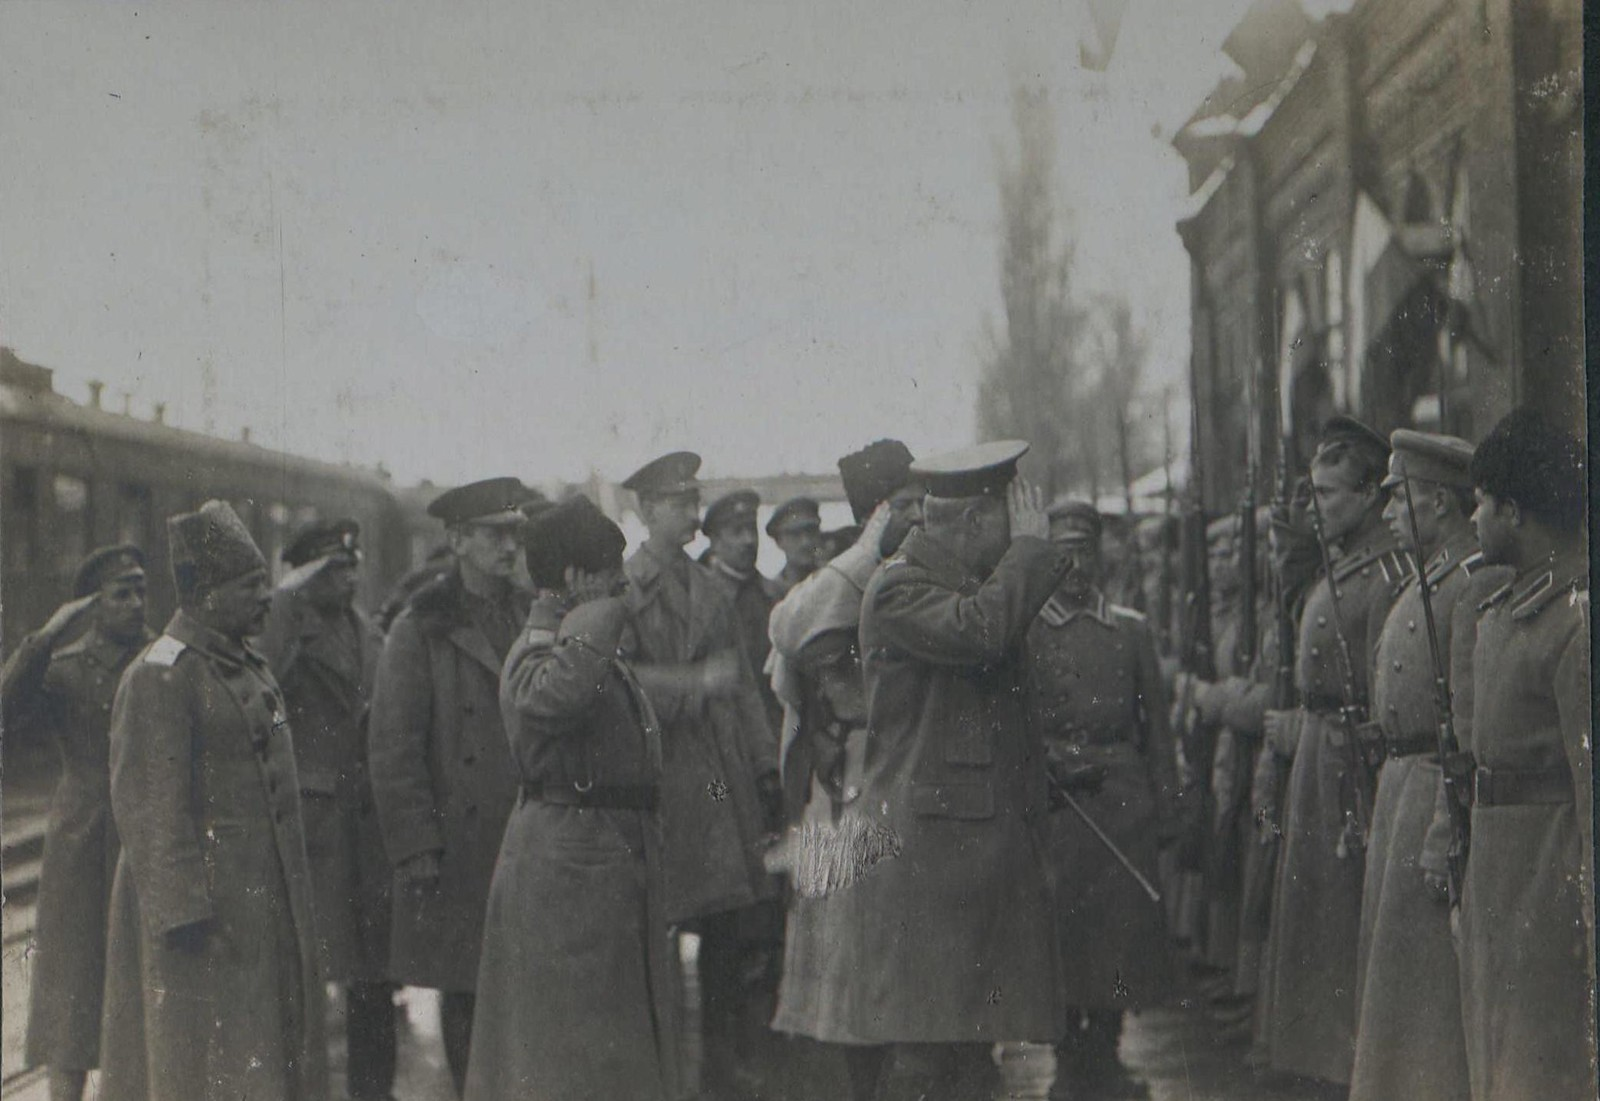 11. 1918. Генерал Фредерик Пуль осматривает почетный караул.  Новороссийск. 3 декабря